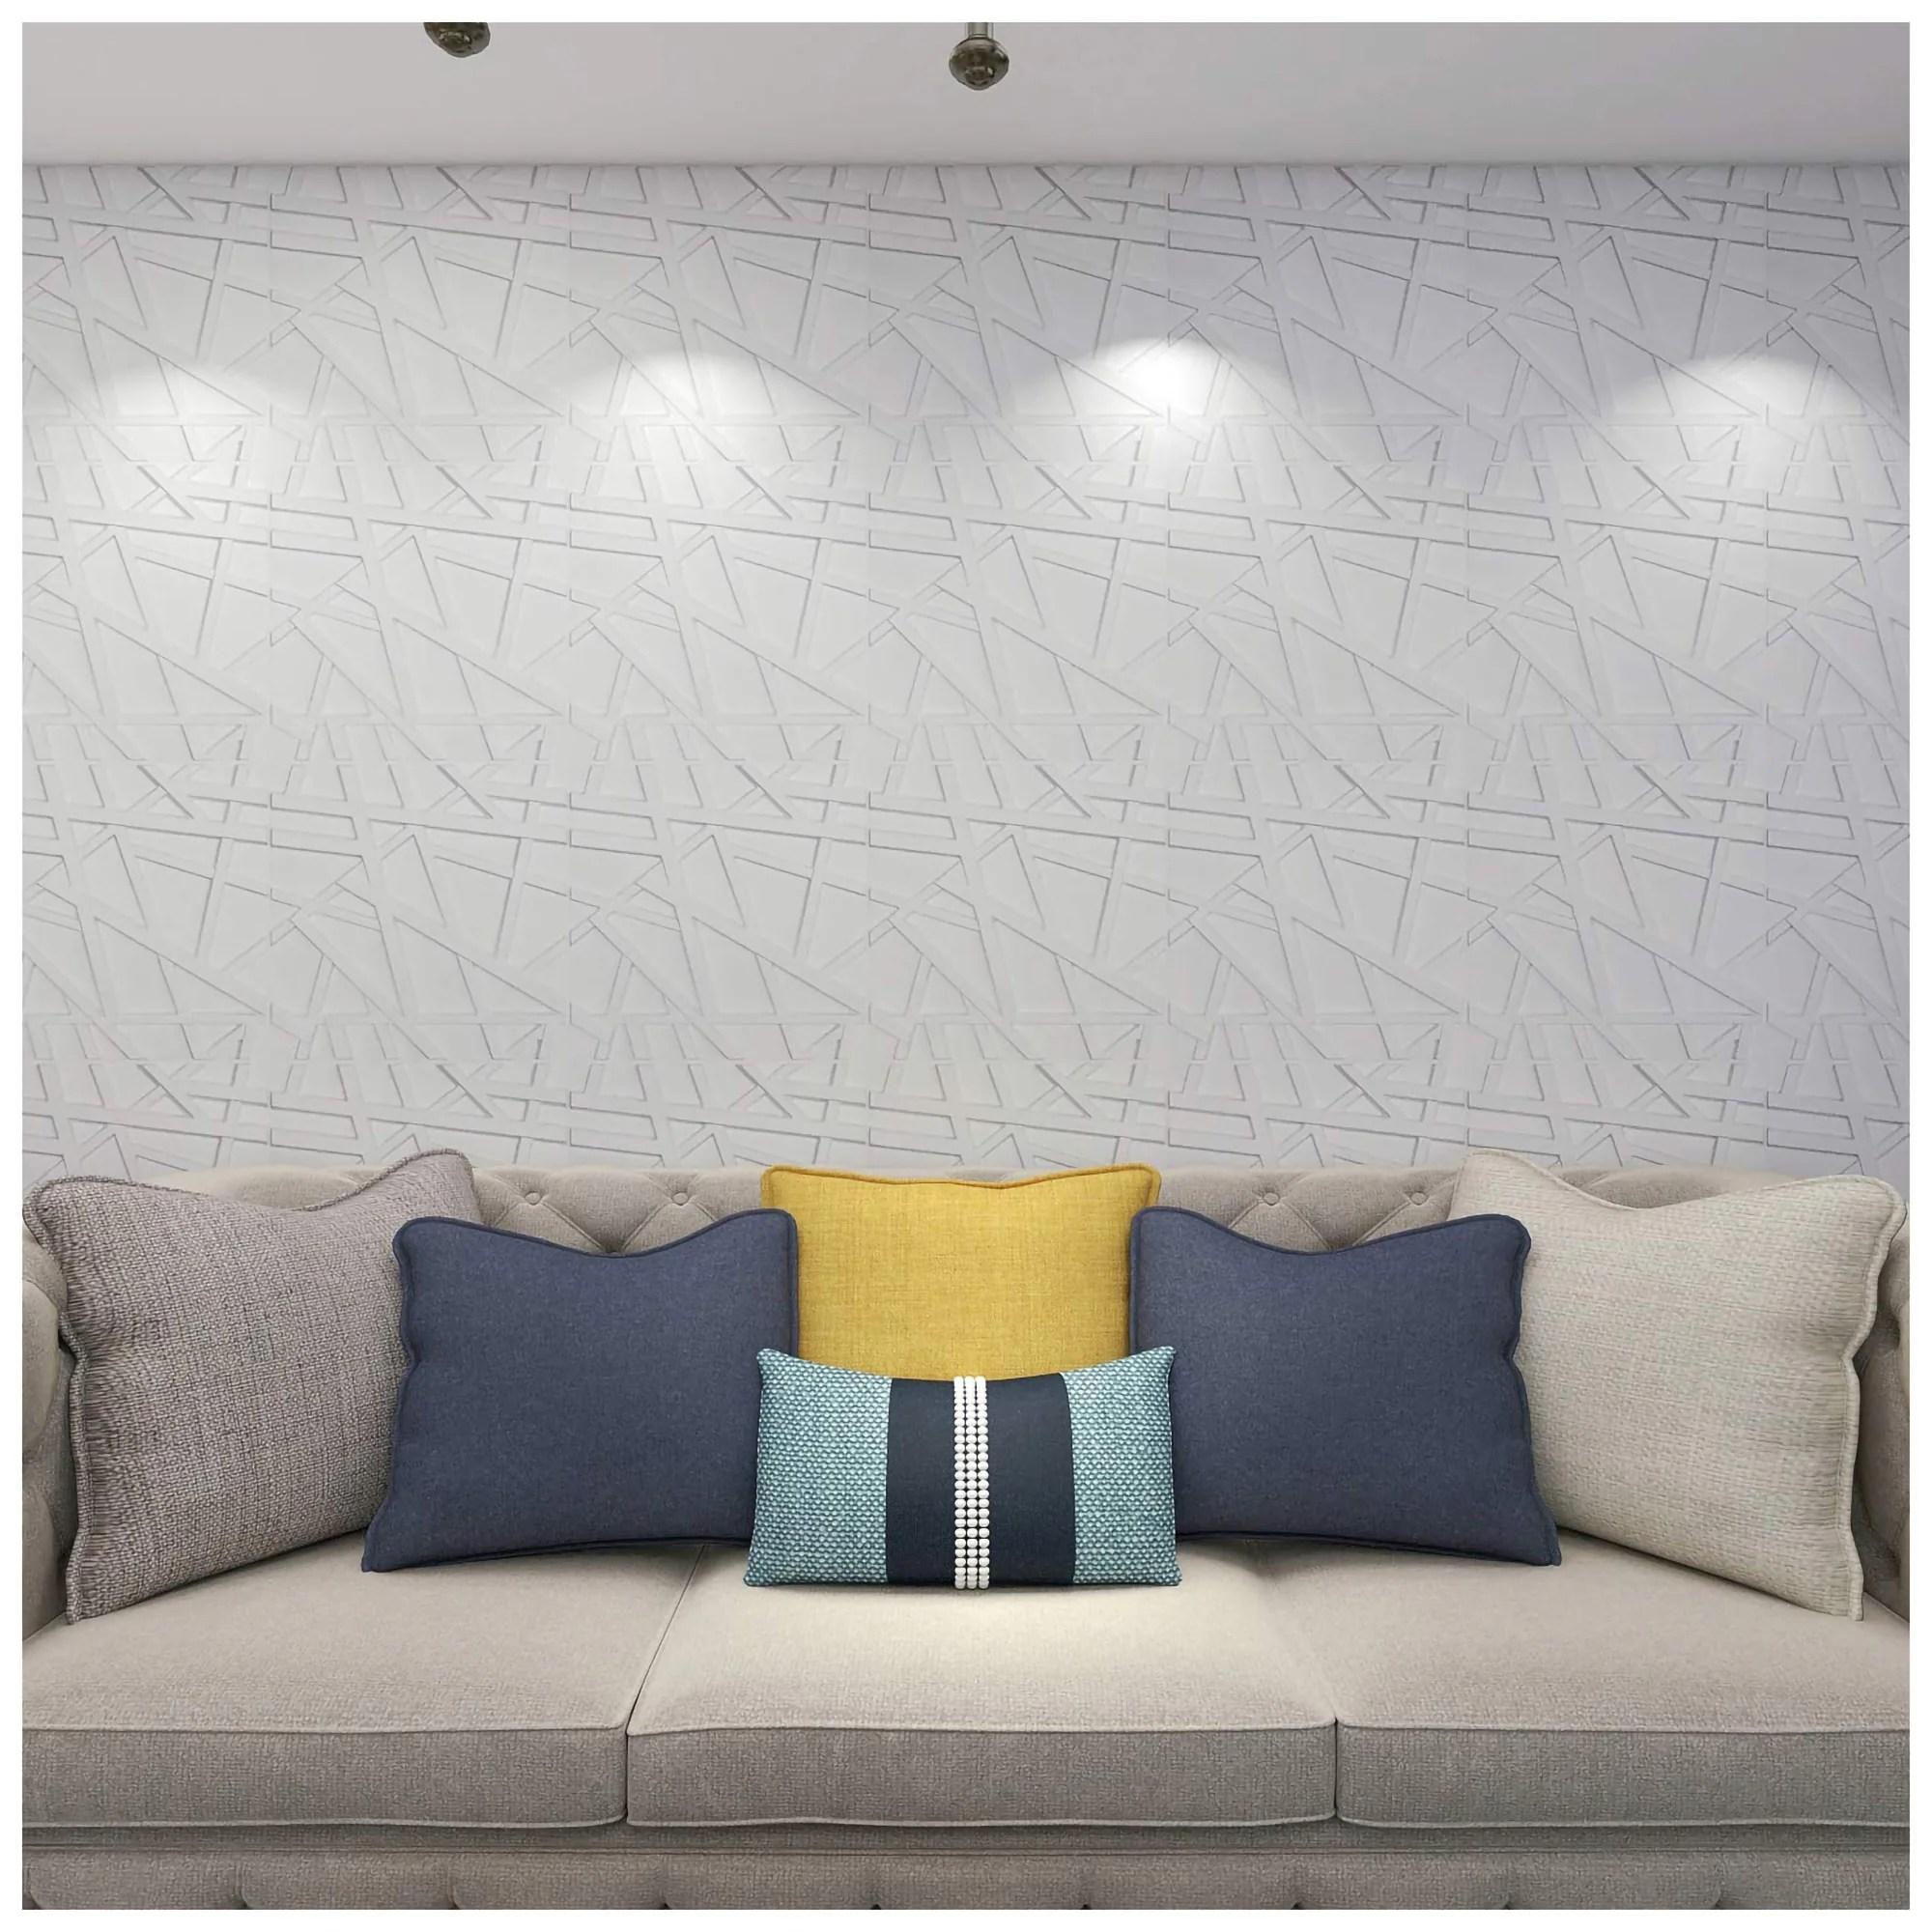 Art11d 11D Wall Panels PVC Crossing Lines Design (112 Sq.Ft)